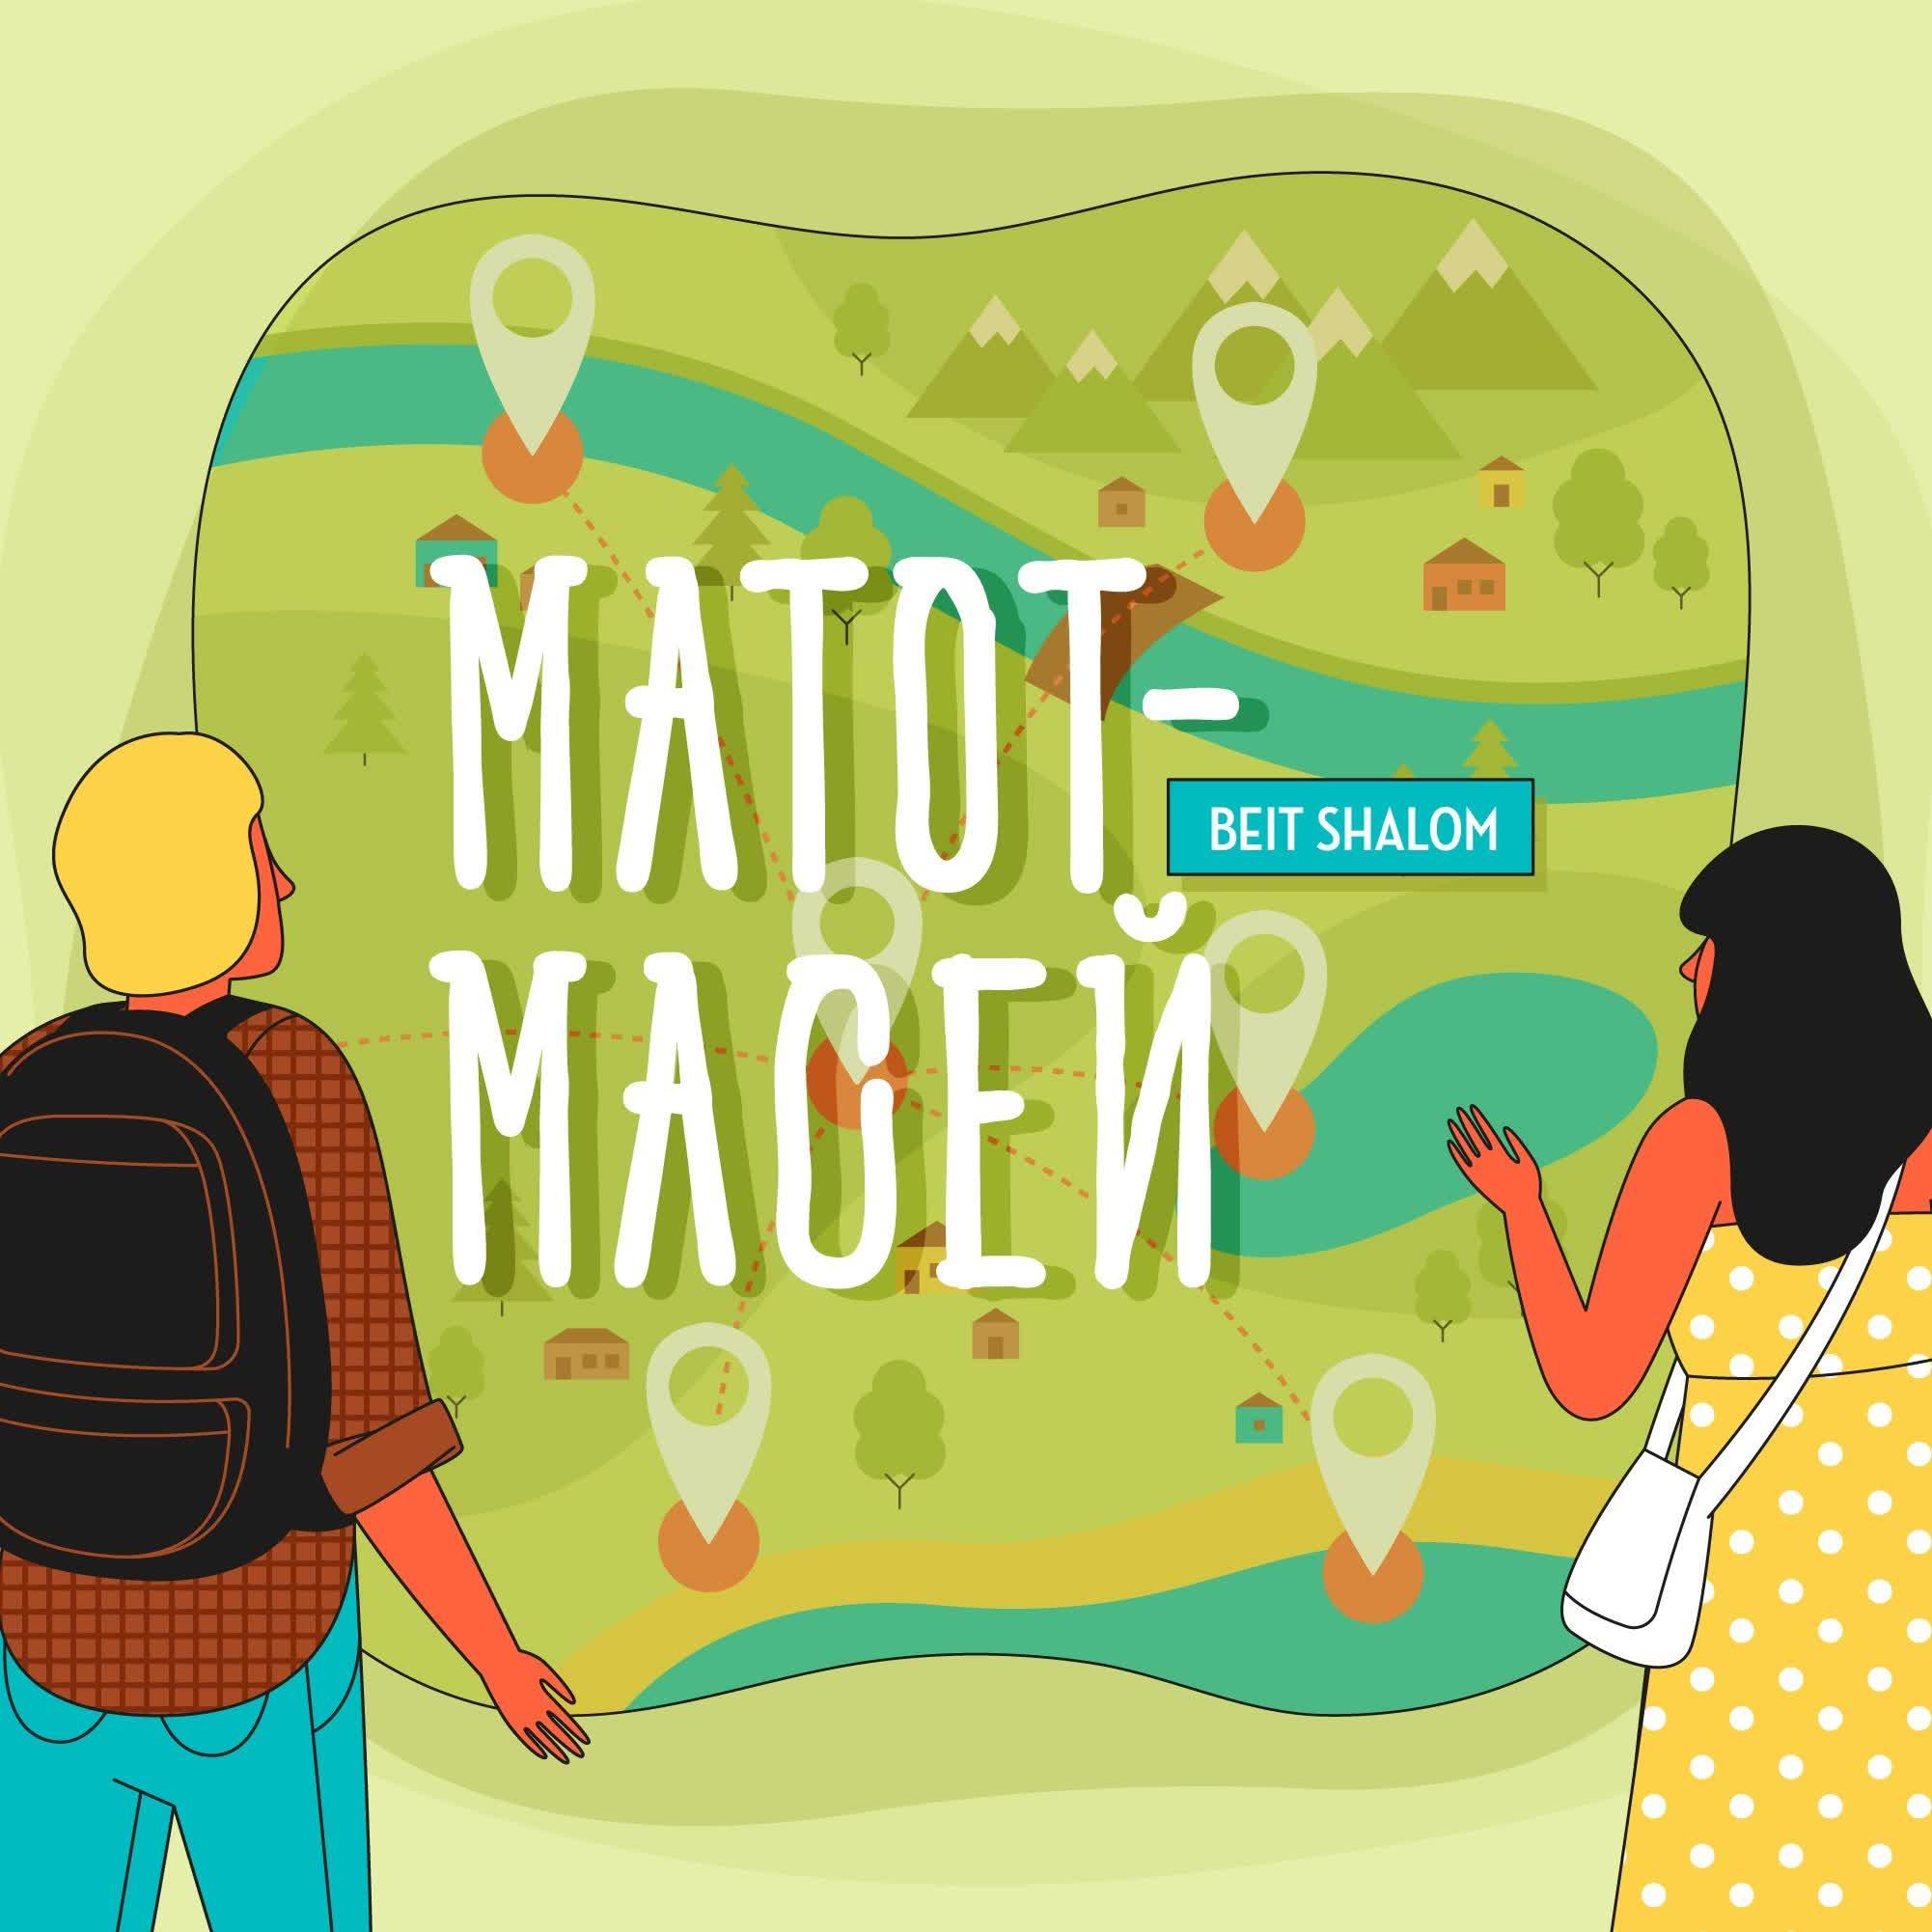 """Матот 5771 """"Земля, которую мы выбираем."""" (А.Огиенко, 23.07.2011)"""